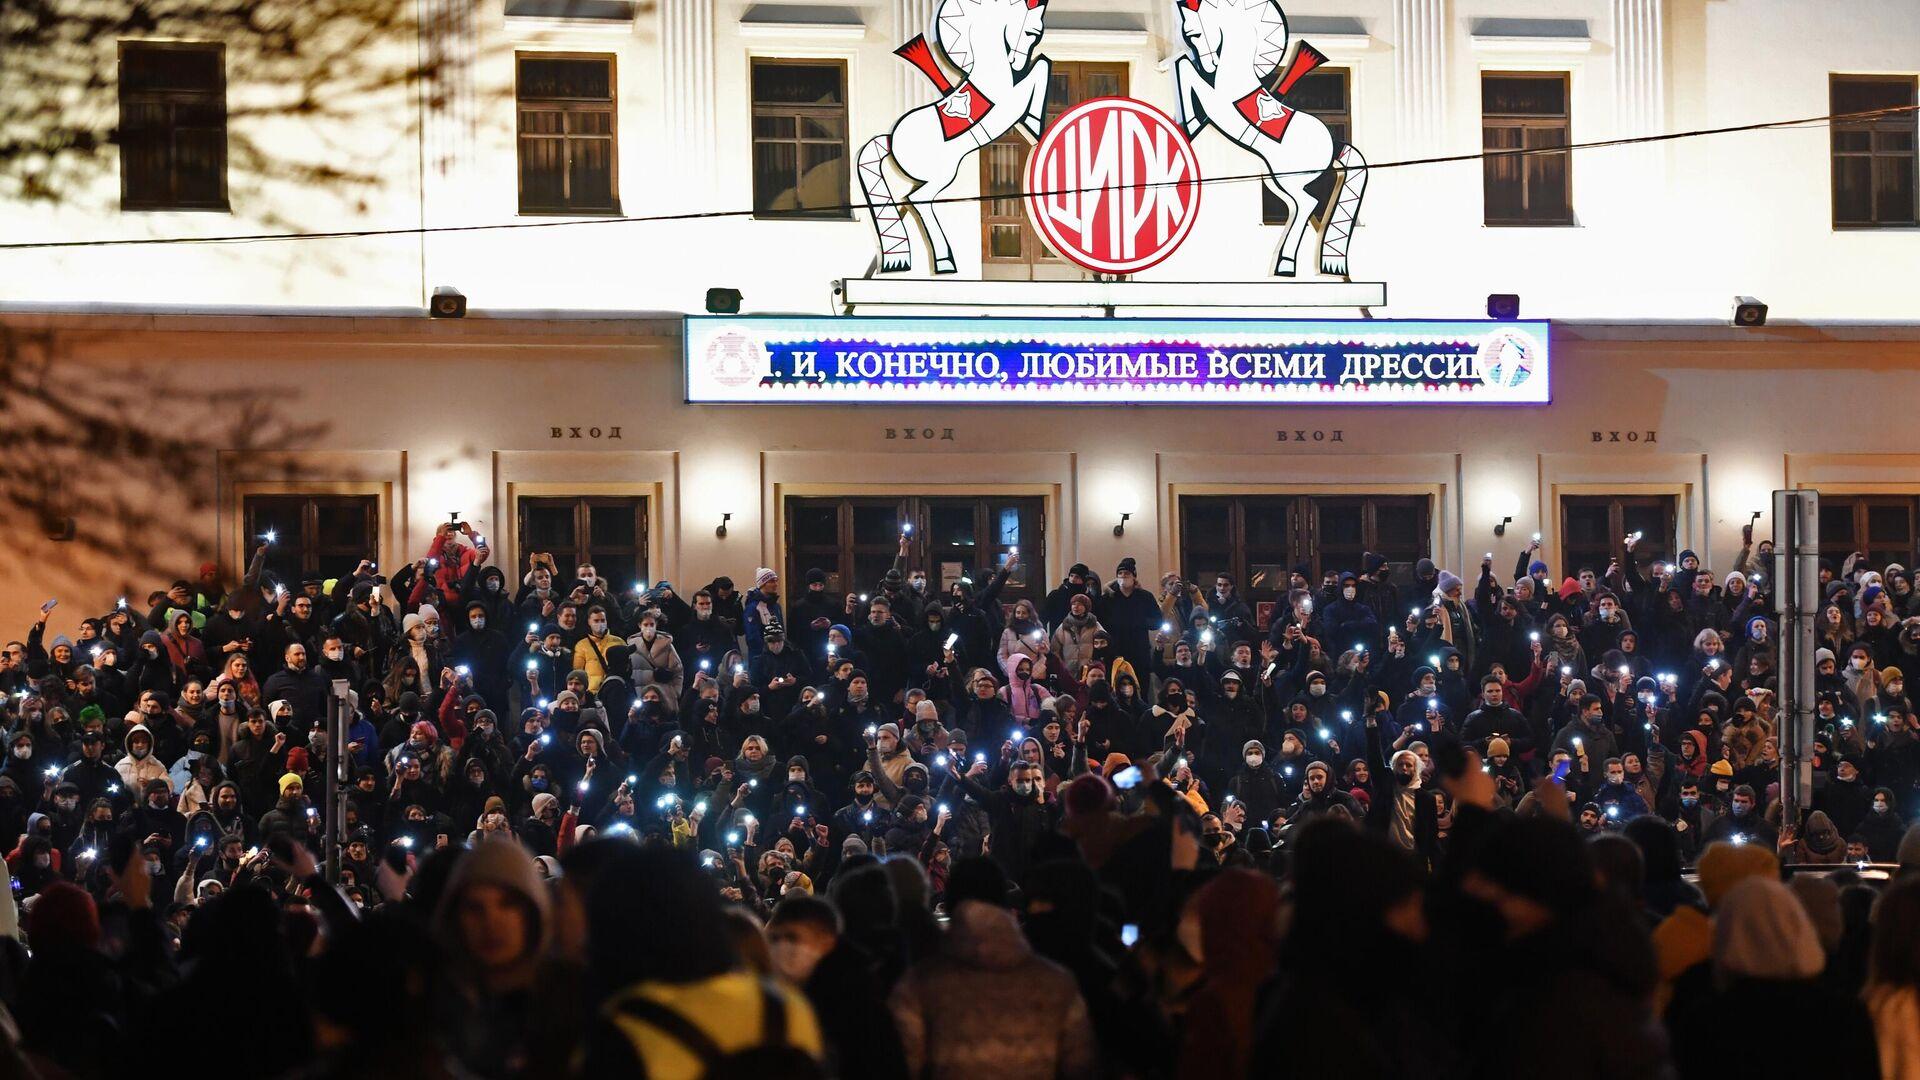 Участники несанкционированной акции сторонников Алексея Навального у здания Московского цирка Никулина на Цветном бульваре - РИА Новости, 1920, 23.01.2021